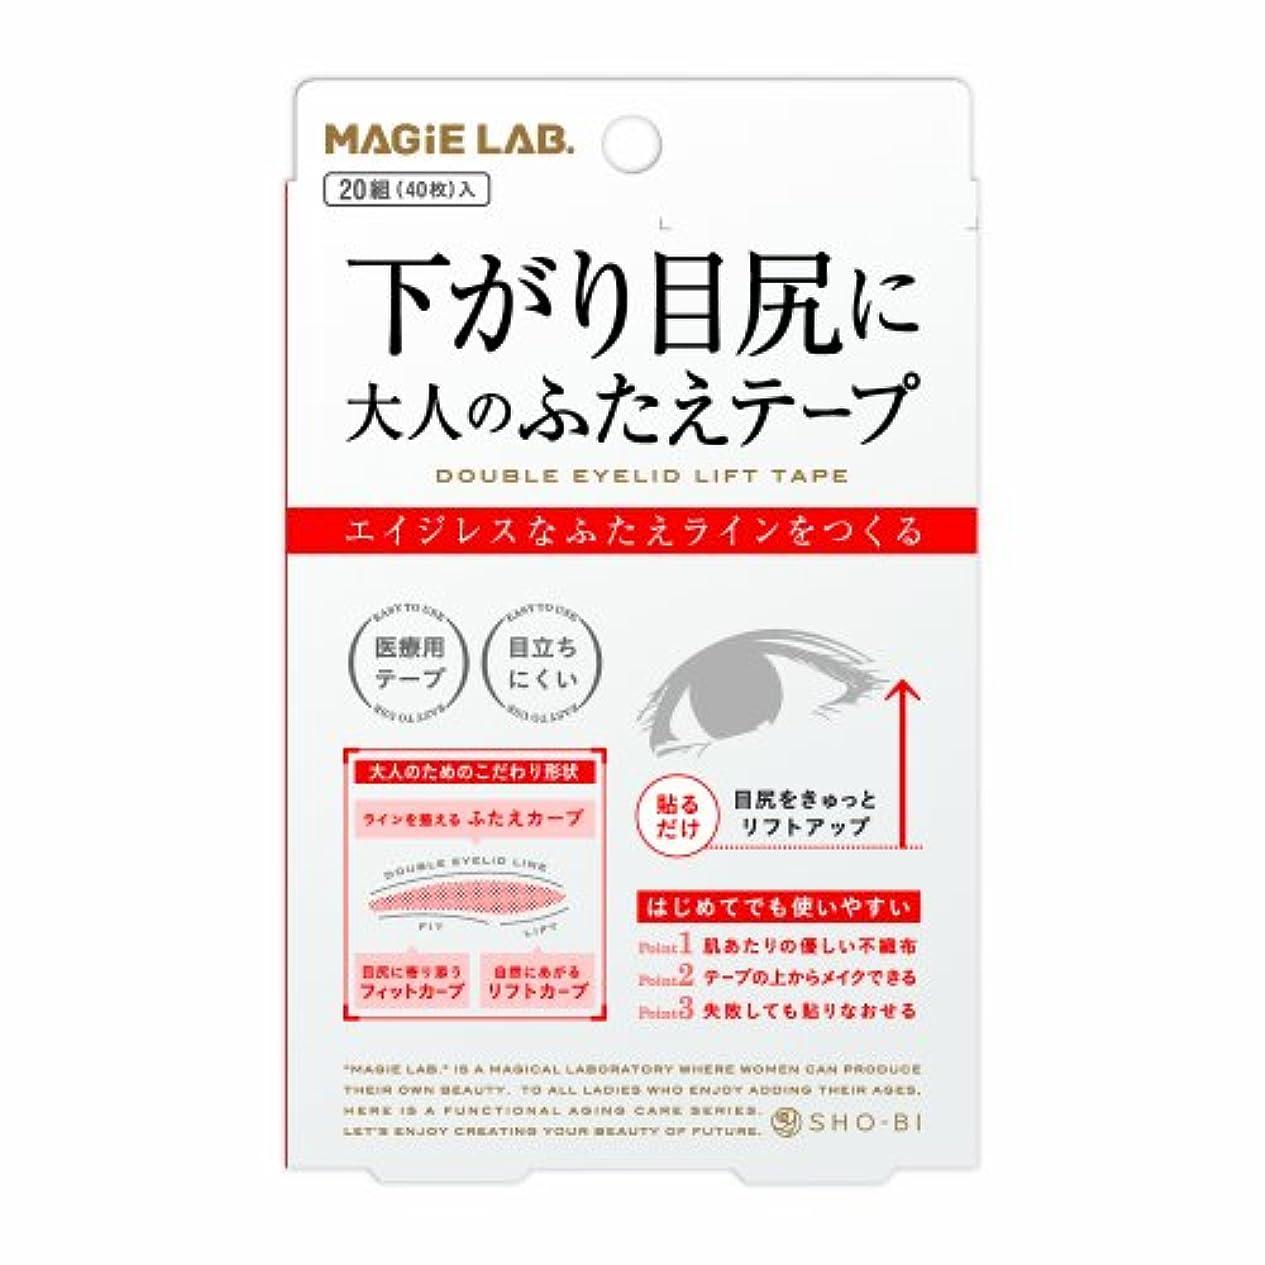 長いですぼかすカップルMG22105 下がり目尻に 大人のふたえープ 20組40枚入 整形テープ マジラボ MAGiE LAB.